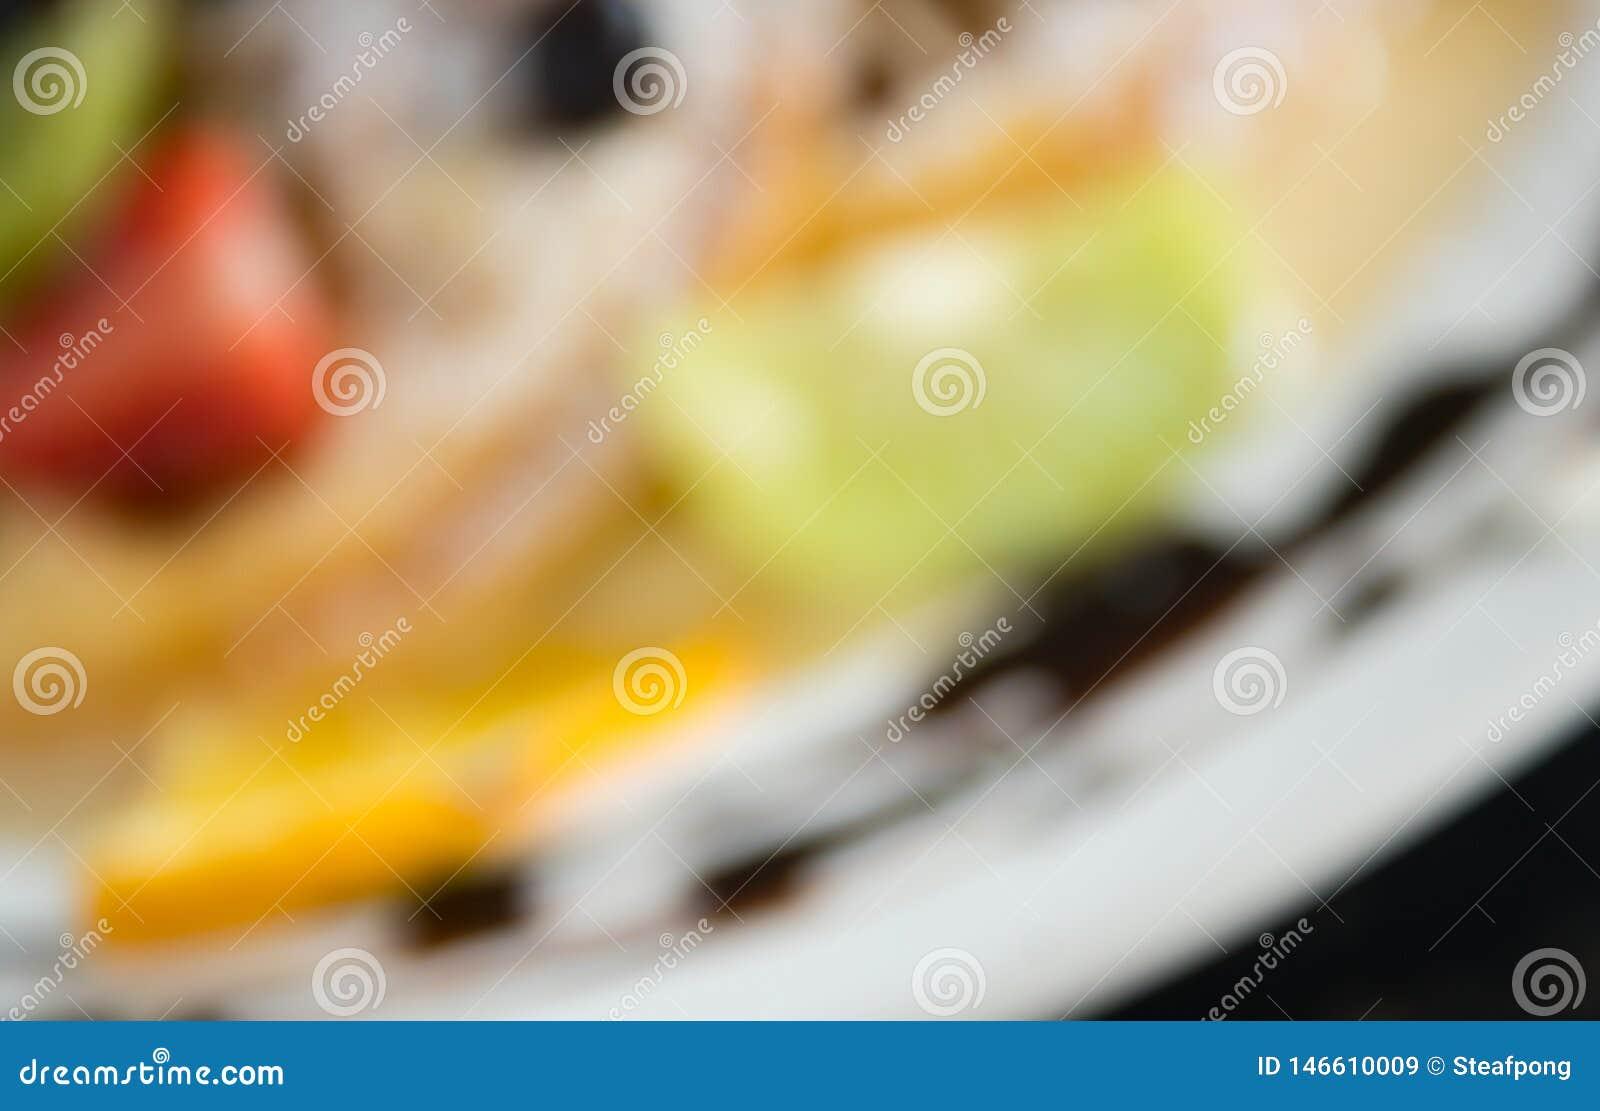 Stile offuscante Kiwi Fruity Waffle Dessert Background per progettazione